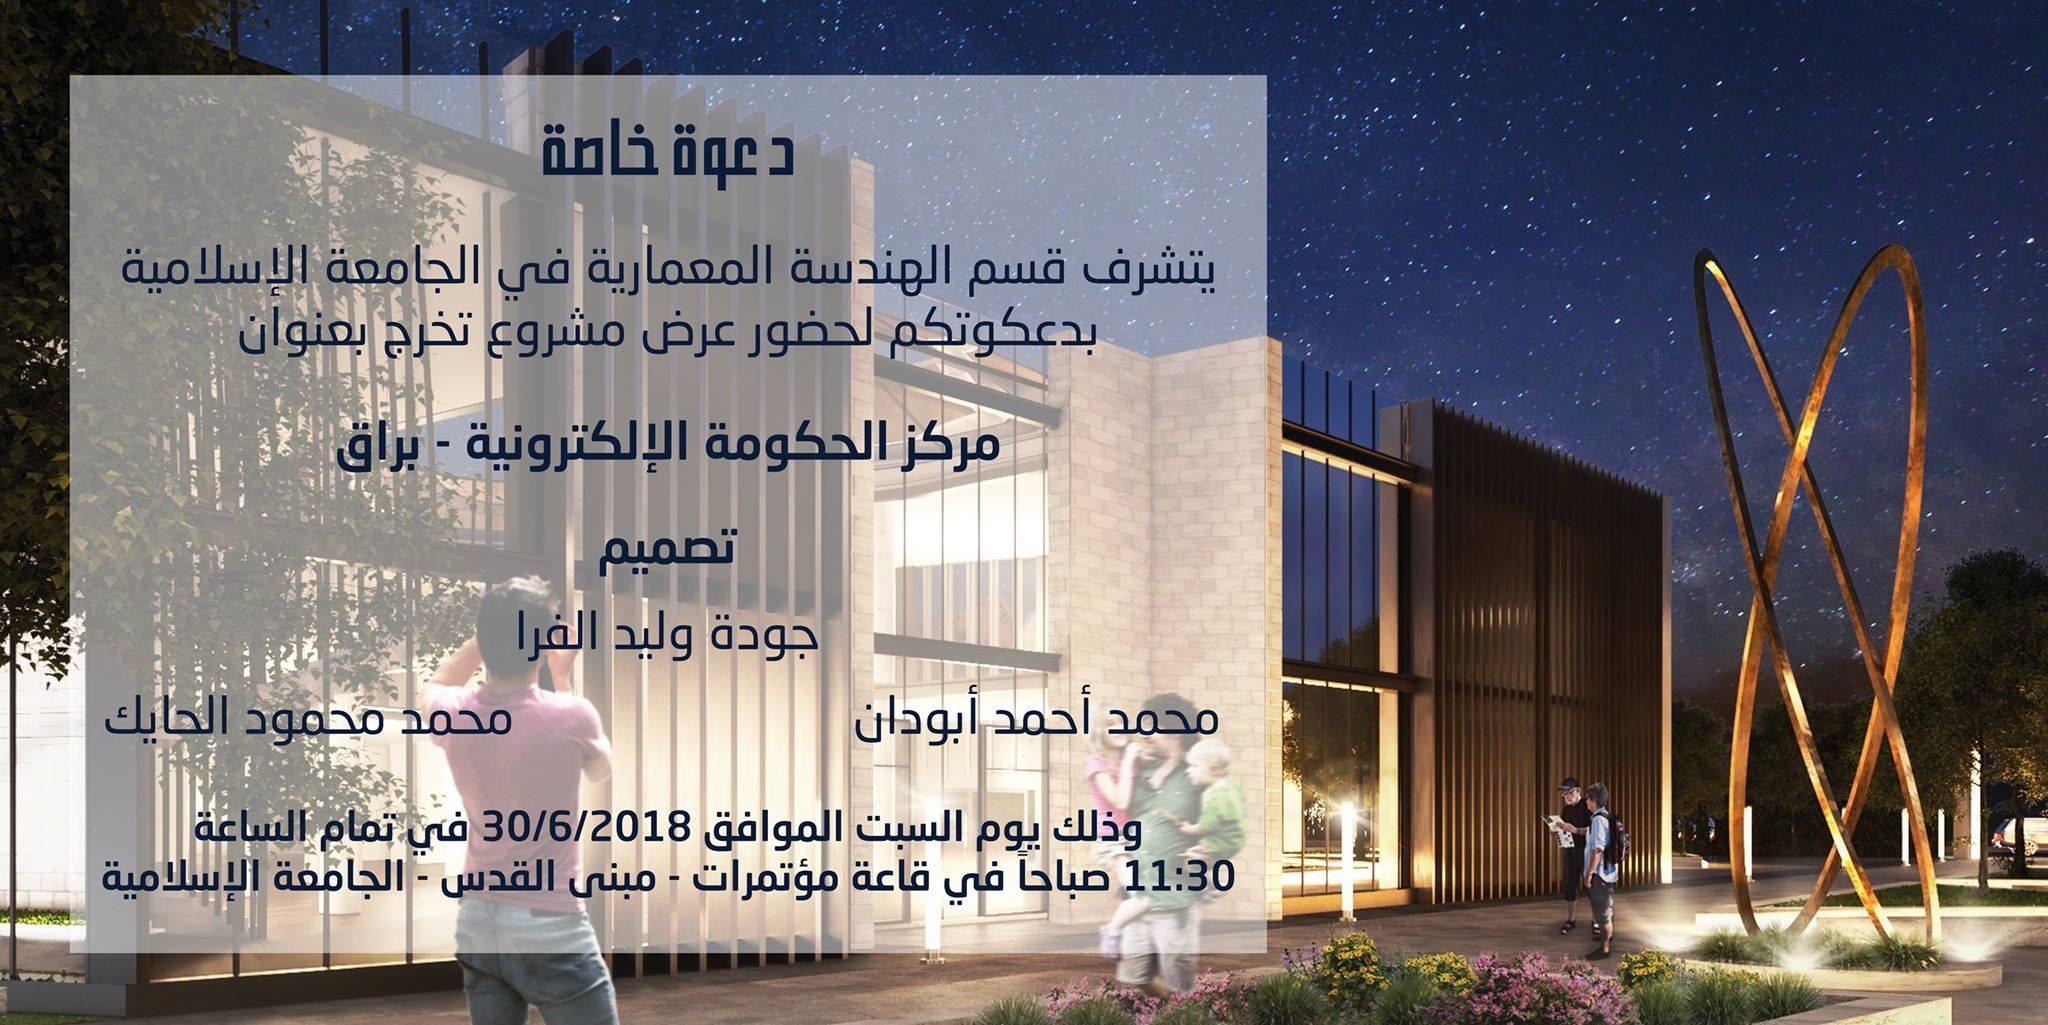 دعوة لحضور مناقشة مشروع التخرج للمهندس : جودة وليد جودة الفرا